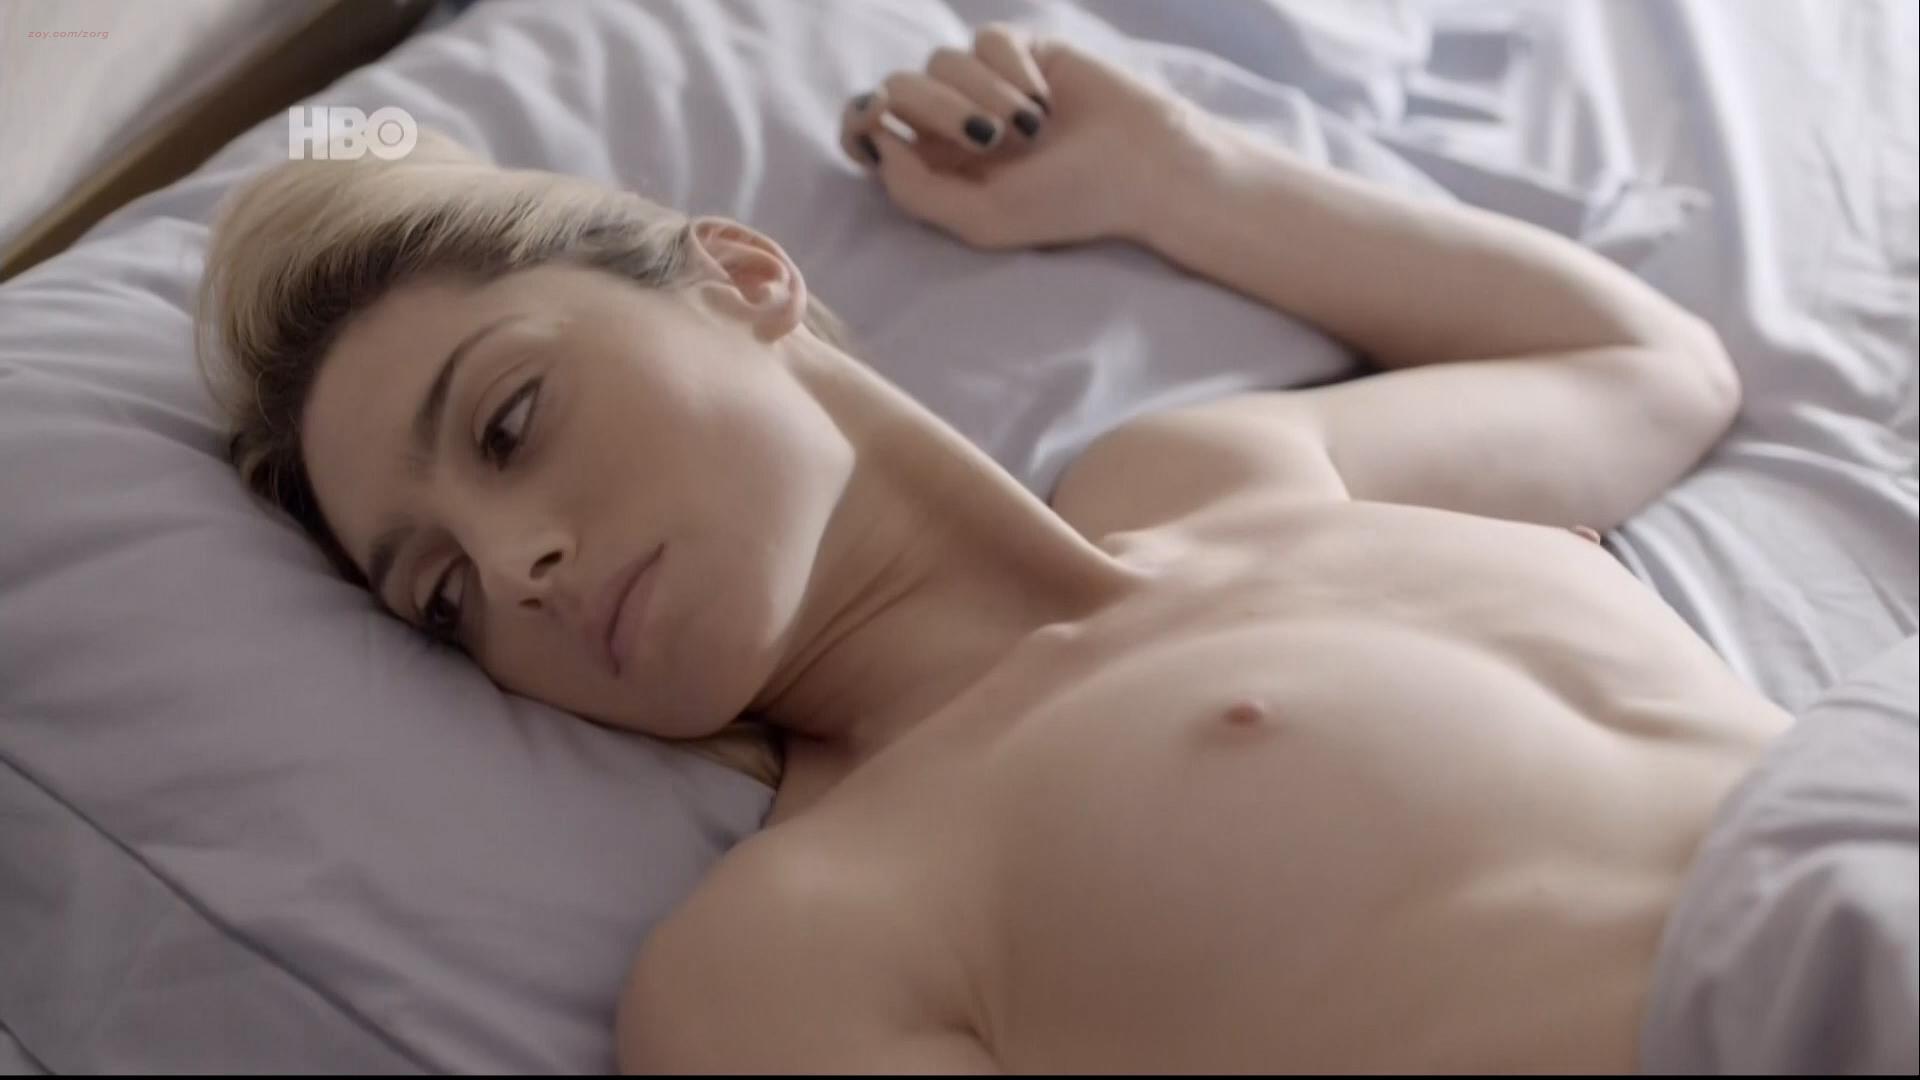 Juliana Schalch nude topless, Carla Zanini, Michelle Batista and Gabriella Vergani nude sex too - O Negócio (BR-2016) s3e7-8 HDTV 1080p (15)